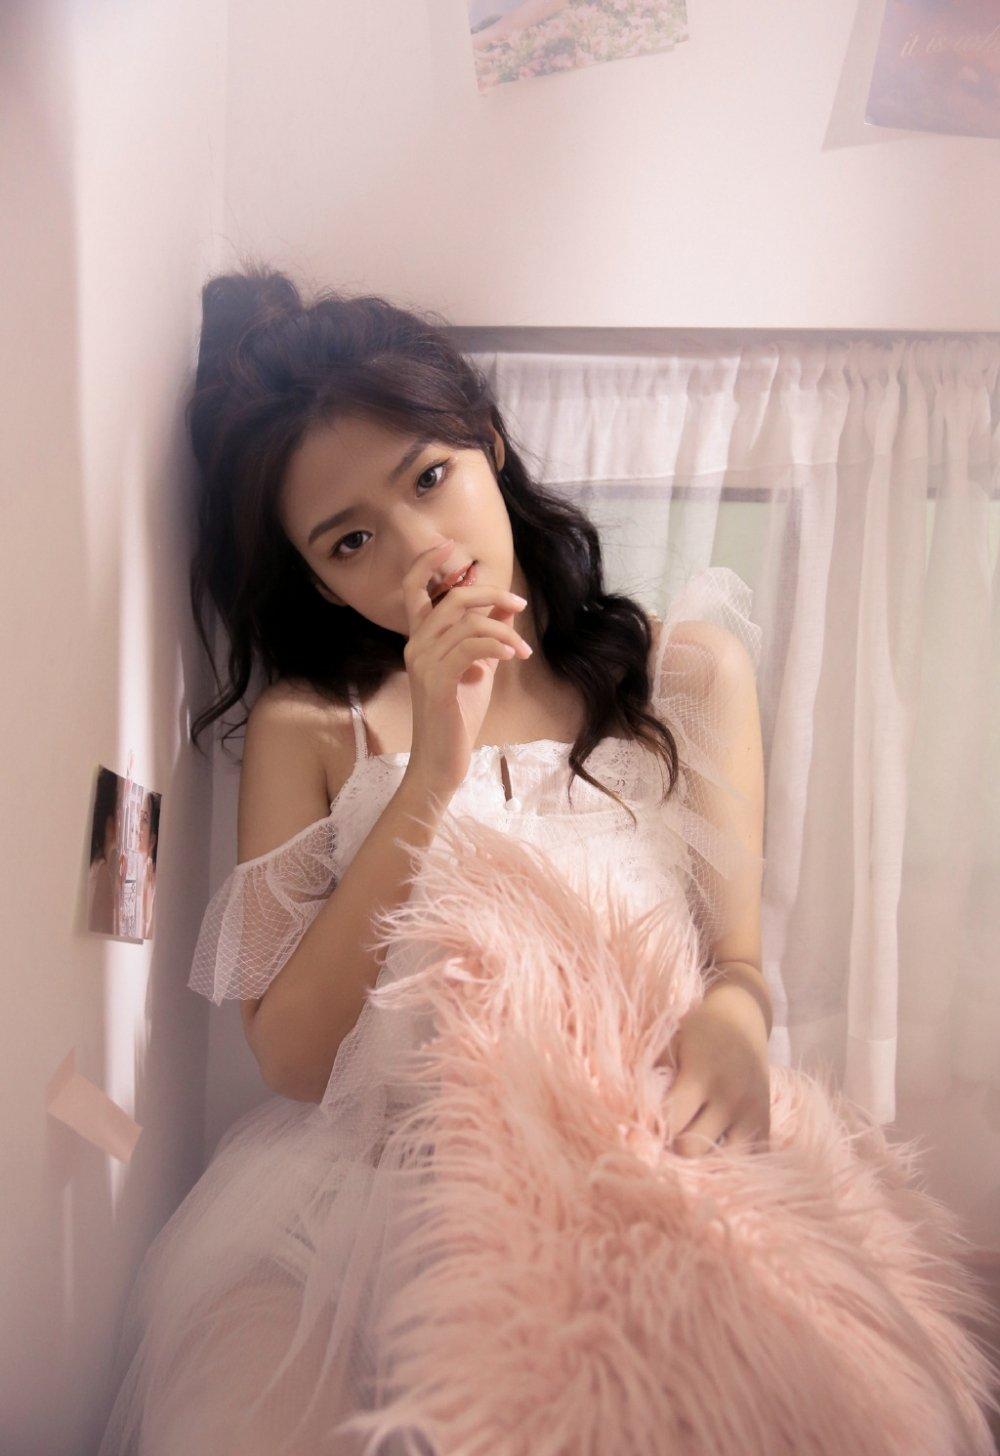 性感撩人蕾丝睡裙美女私房写真